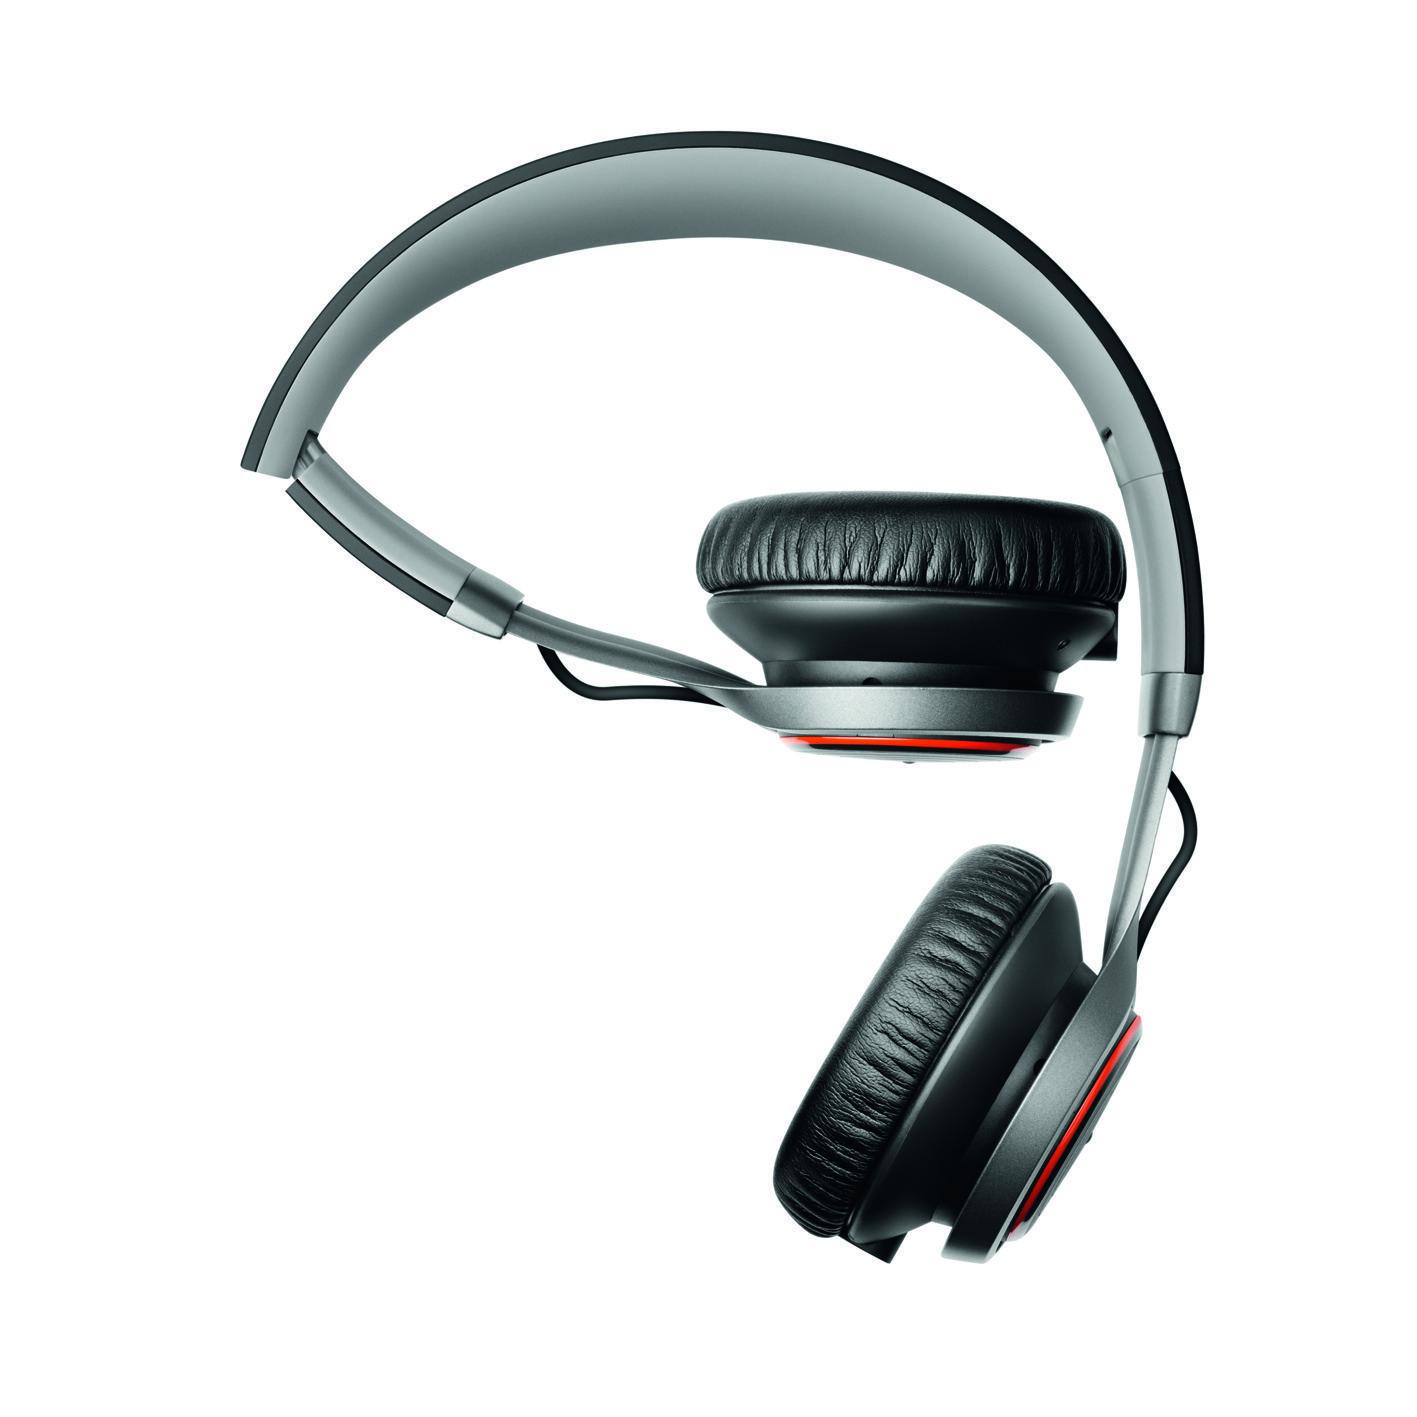 Jabra Revo wireless Black 02 - Tra le migliori cuffie Bluethooth con audio di qualità per ascoltare musica in libertà arrivano le Jabra Revo